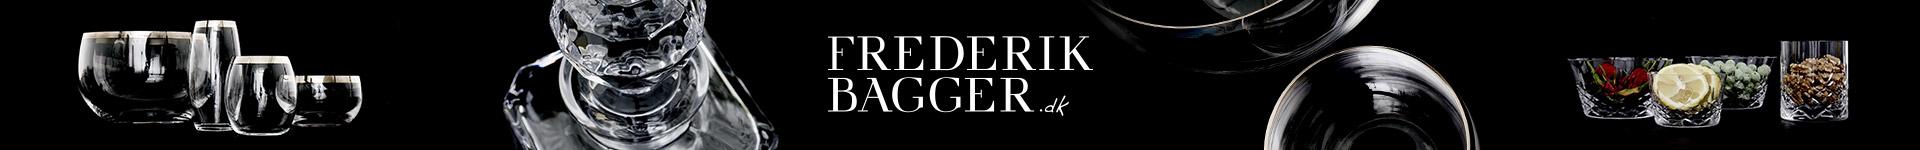 Se Frederik Baggers udsøgte udvalg af glas, skåle, vaser og mere her på Coolshop til billige priser